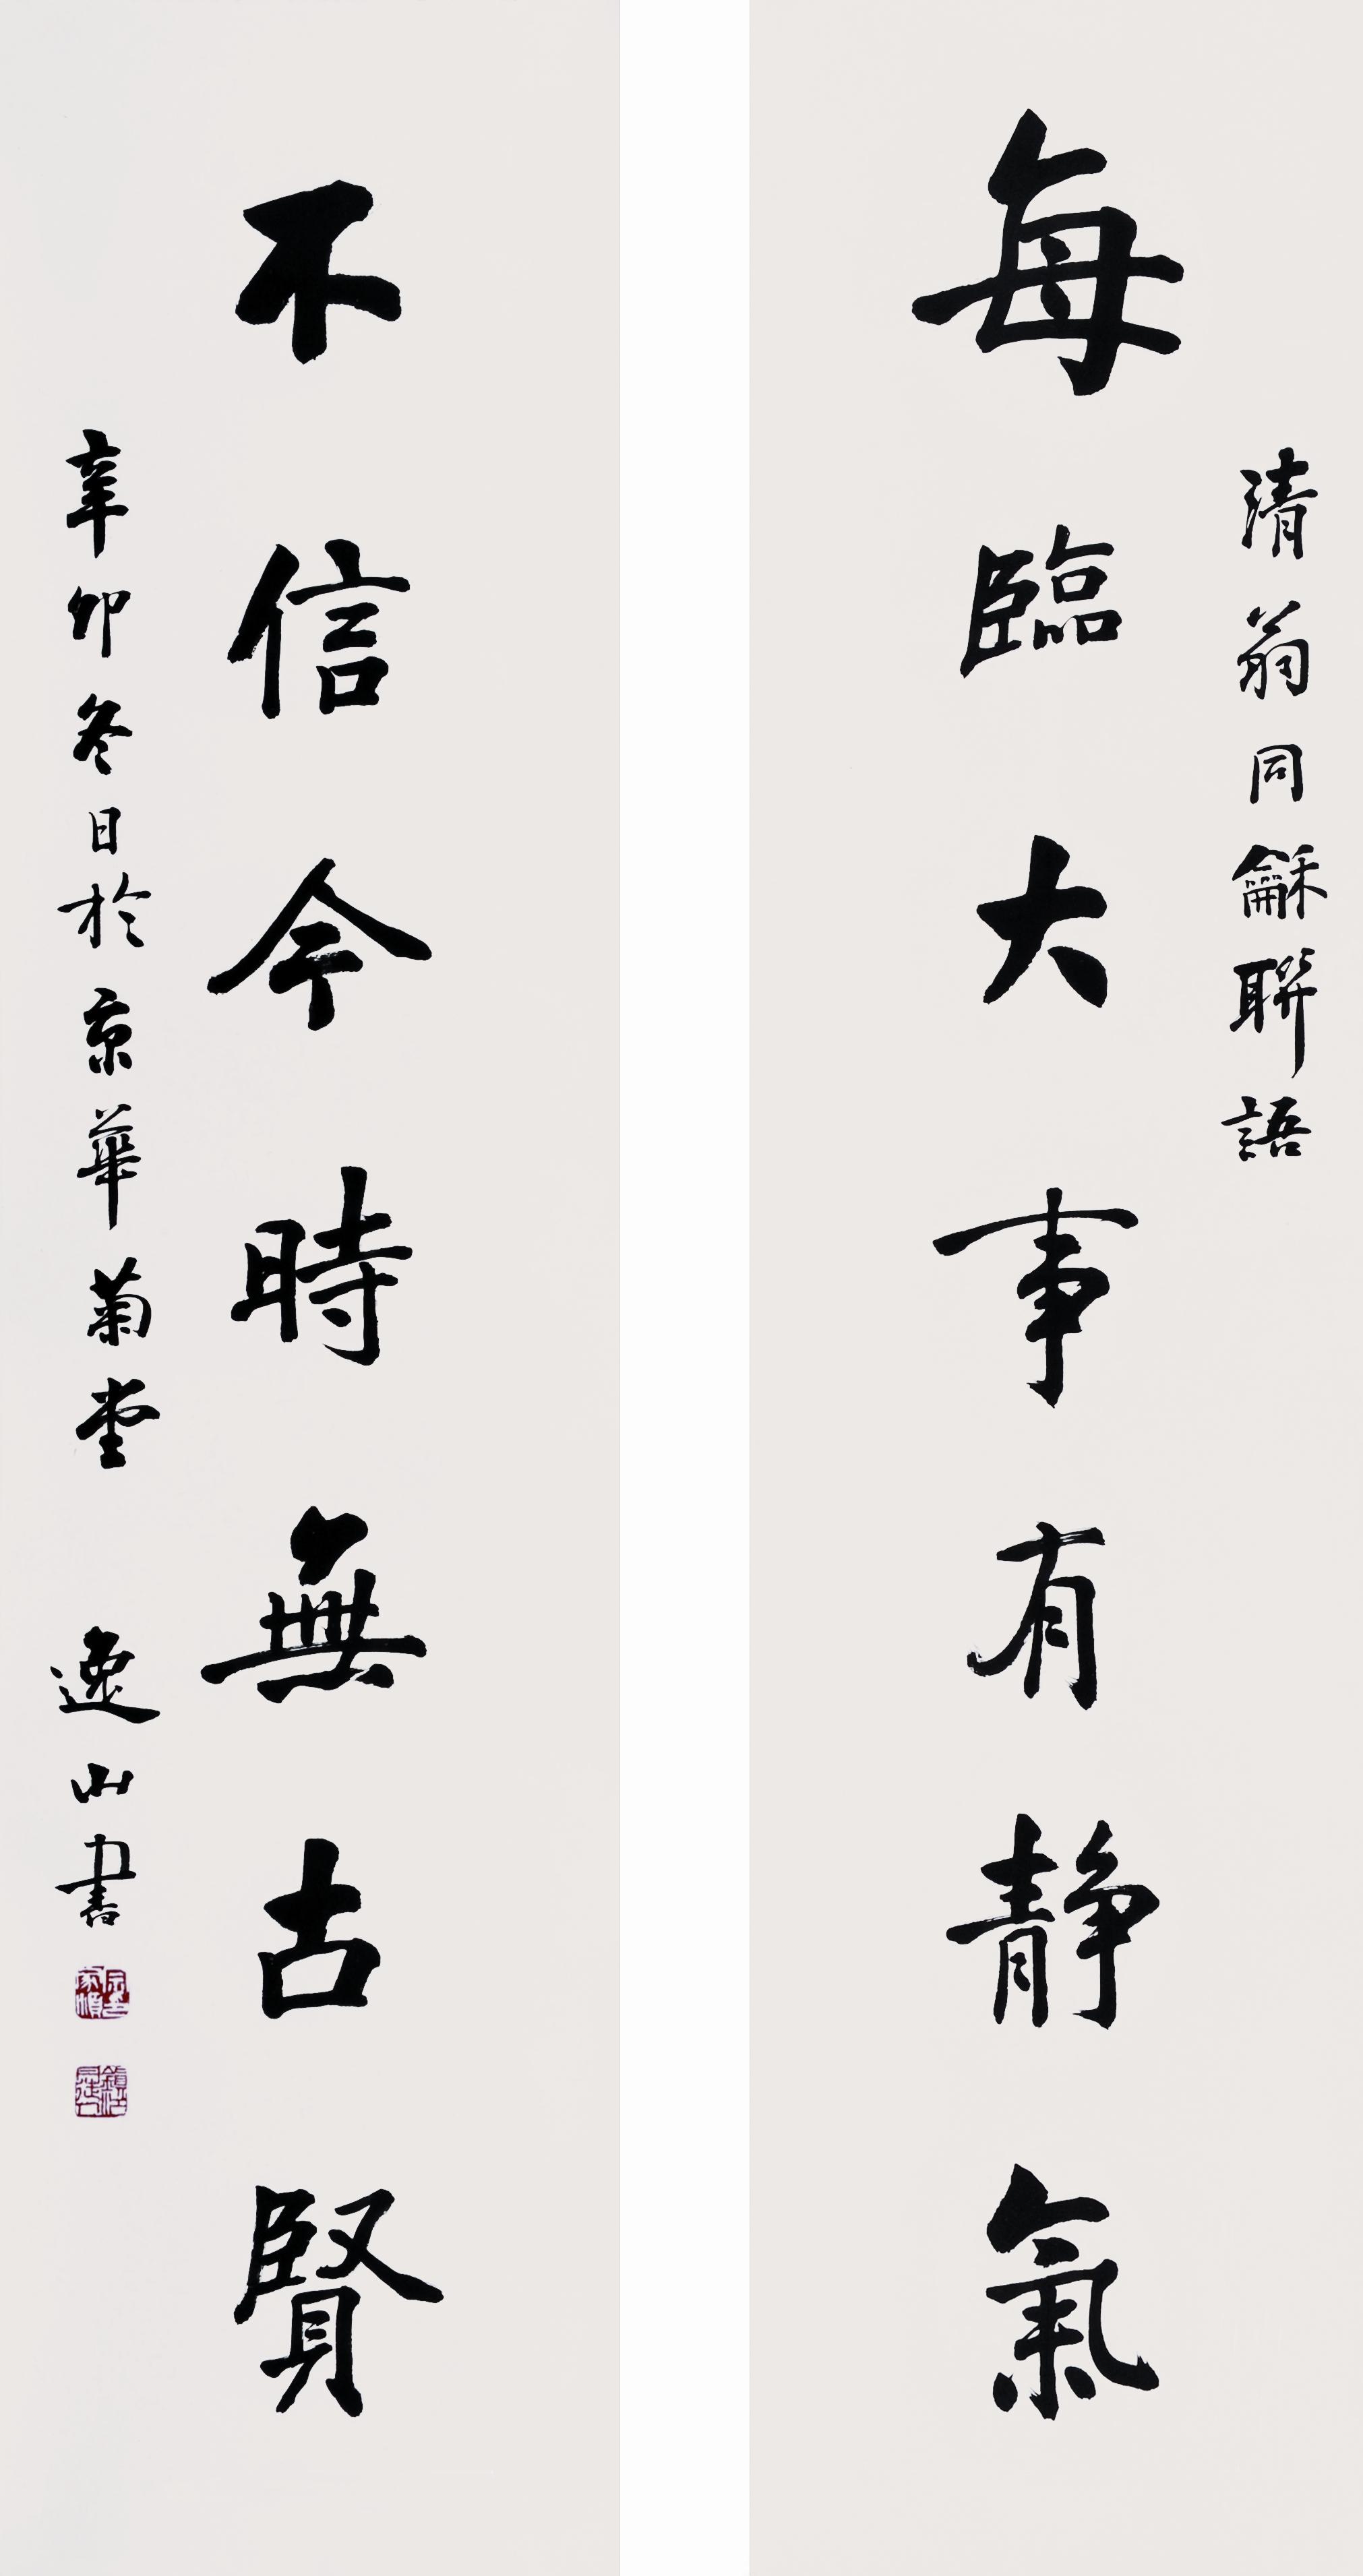 此次西安展集中展出了百余件佛教界参展作品,书法作品内容以佛教经典图片